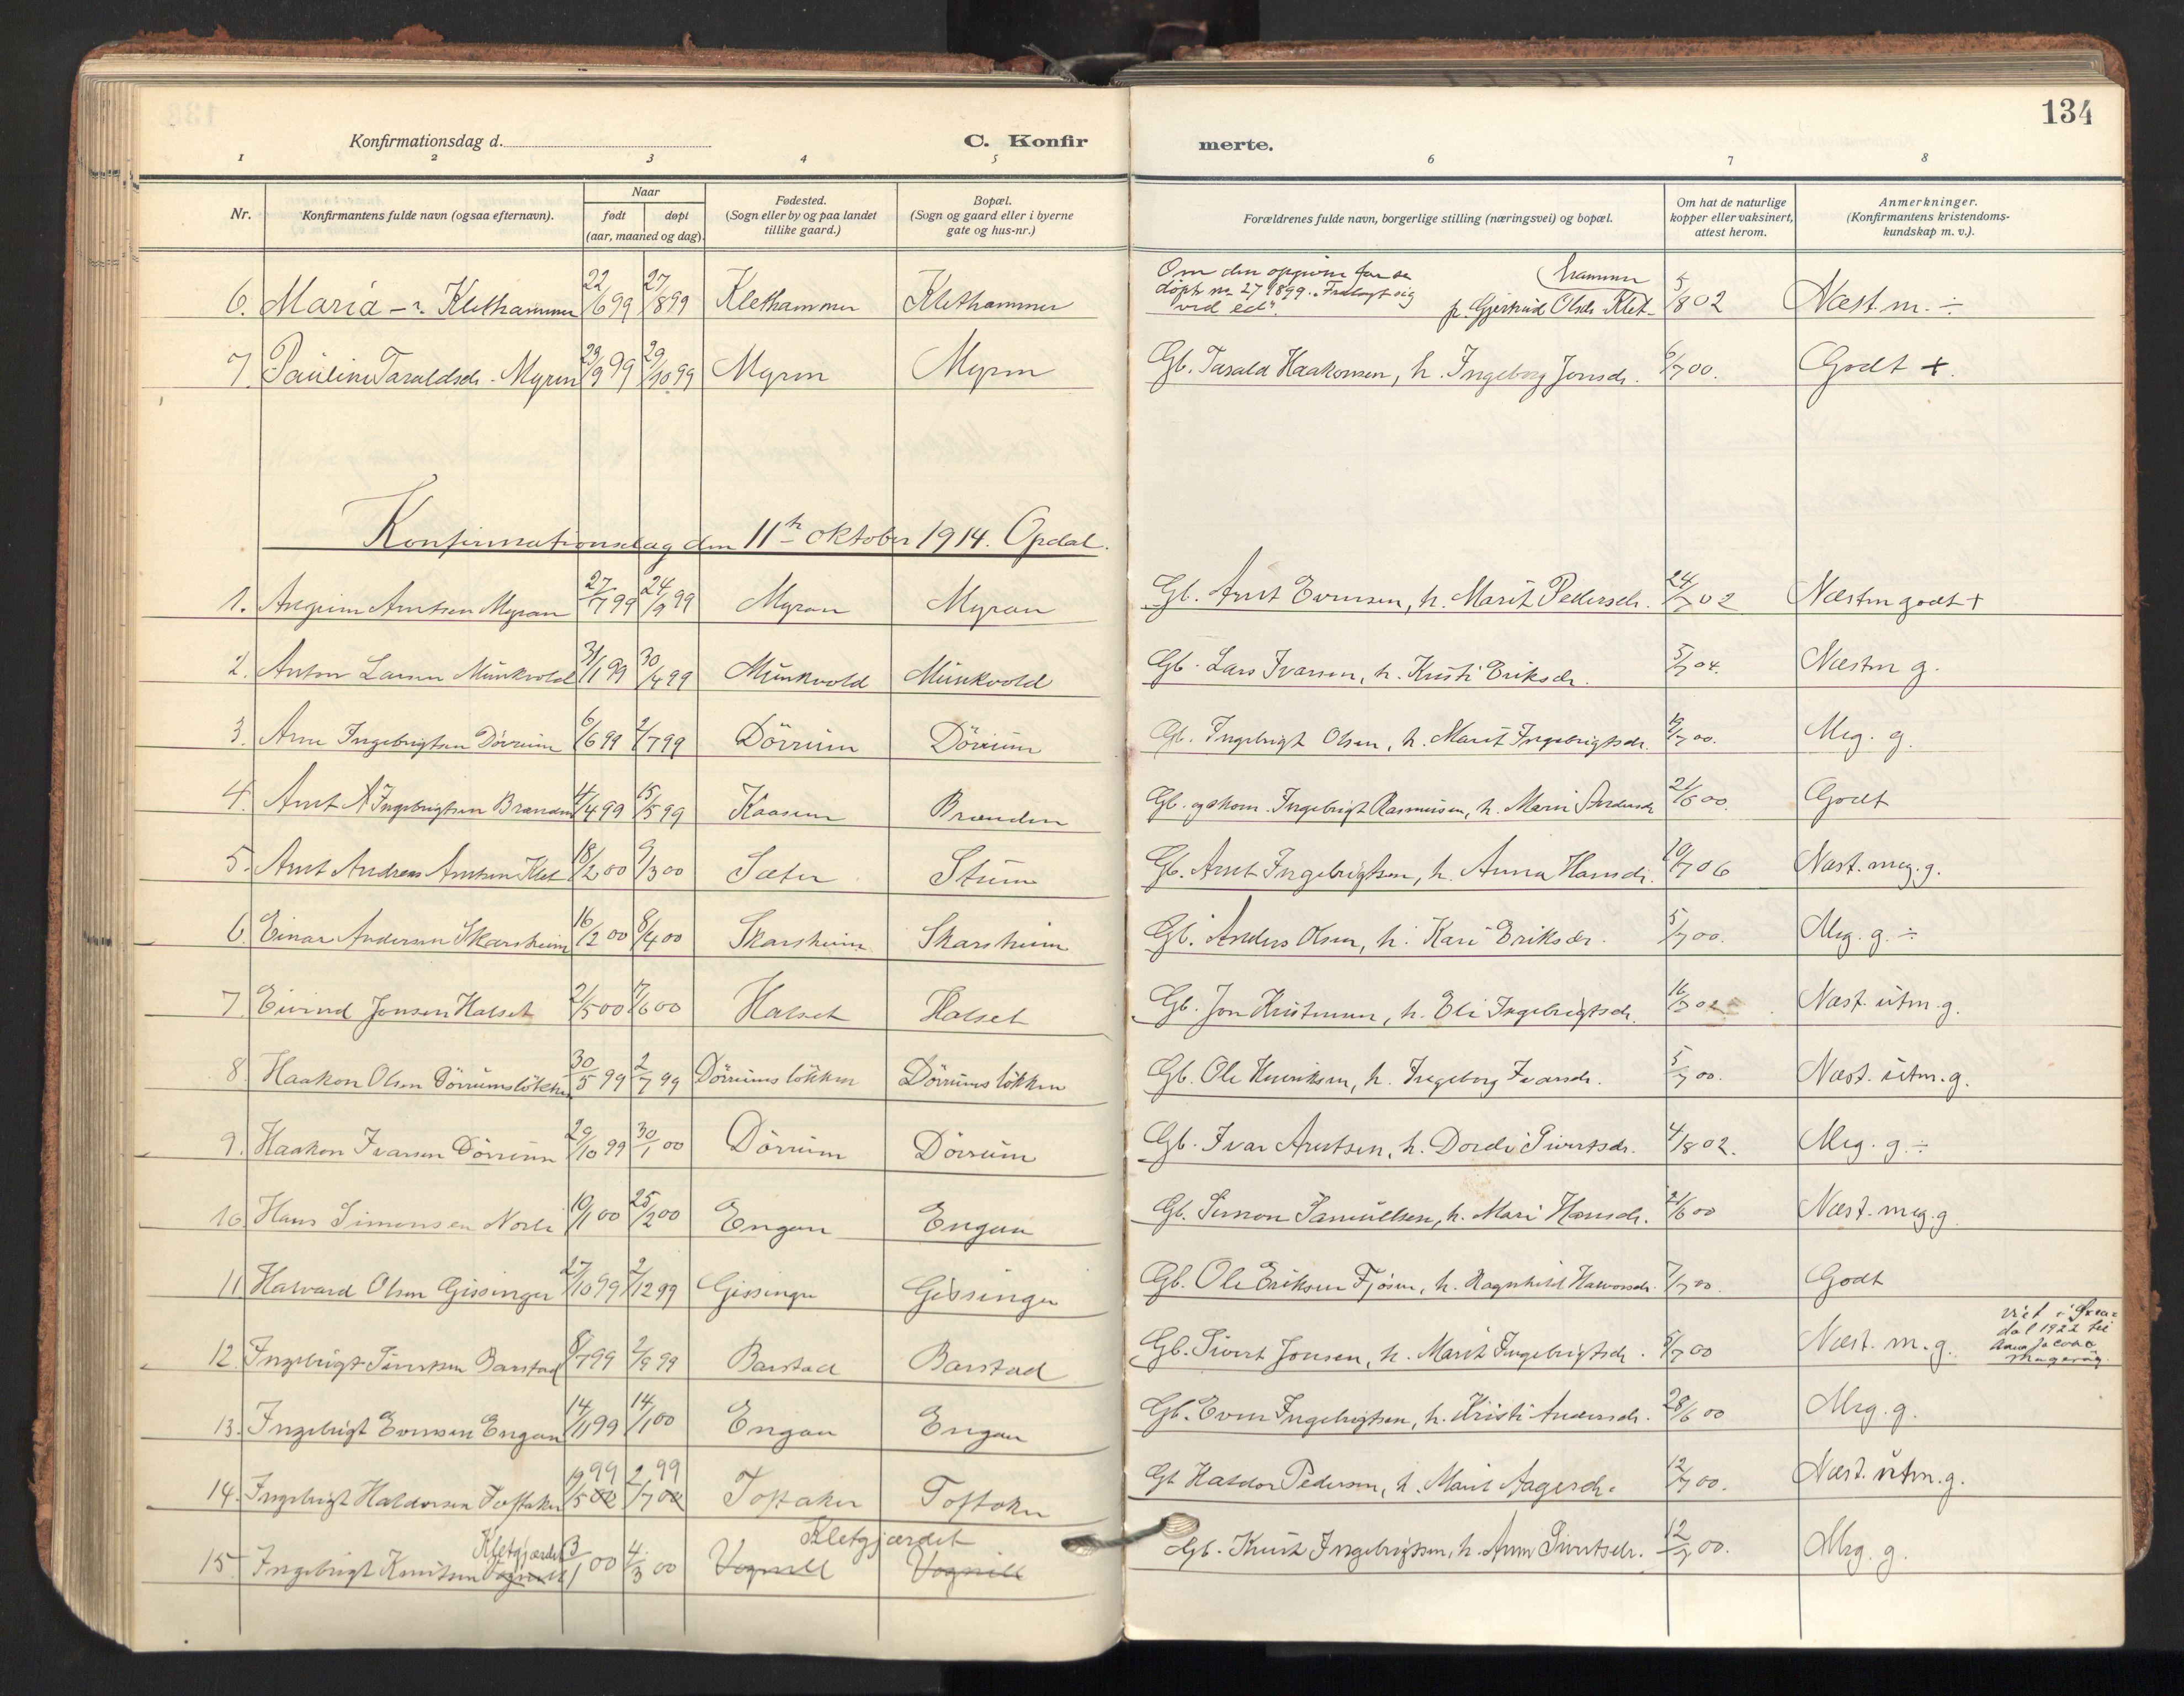 SAT, Ministerialprotokoller, klokkerbøker og fødselsregistre - Sør-Trøndelag, 678/L0909: Ministerialbok nr. 678A17, 1912-1930, s. 134